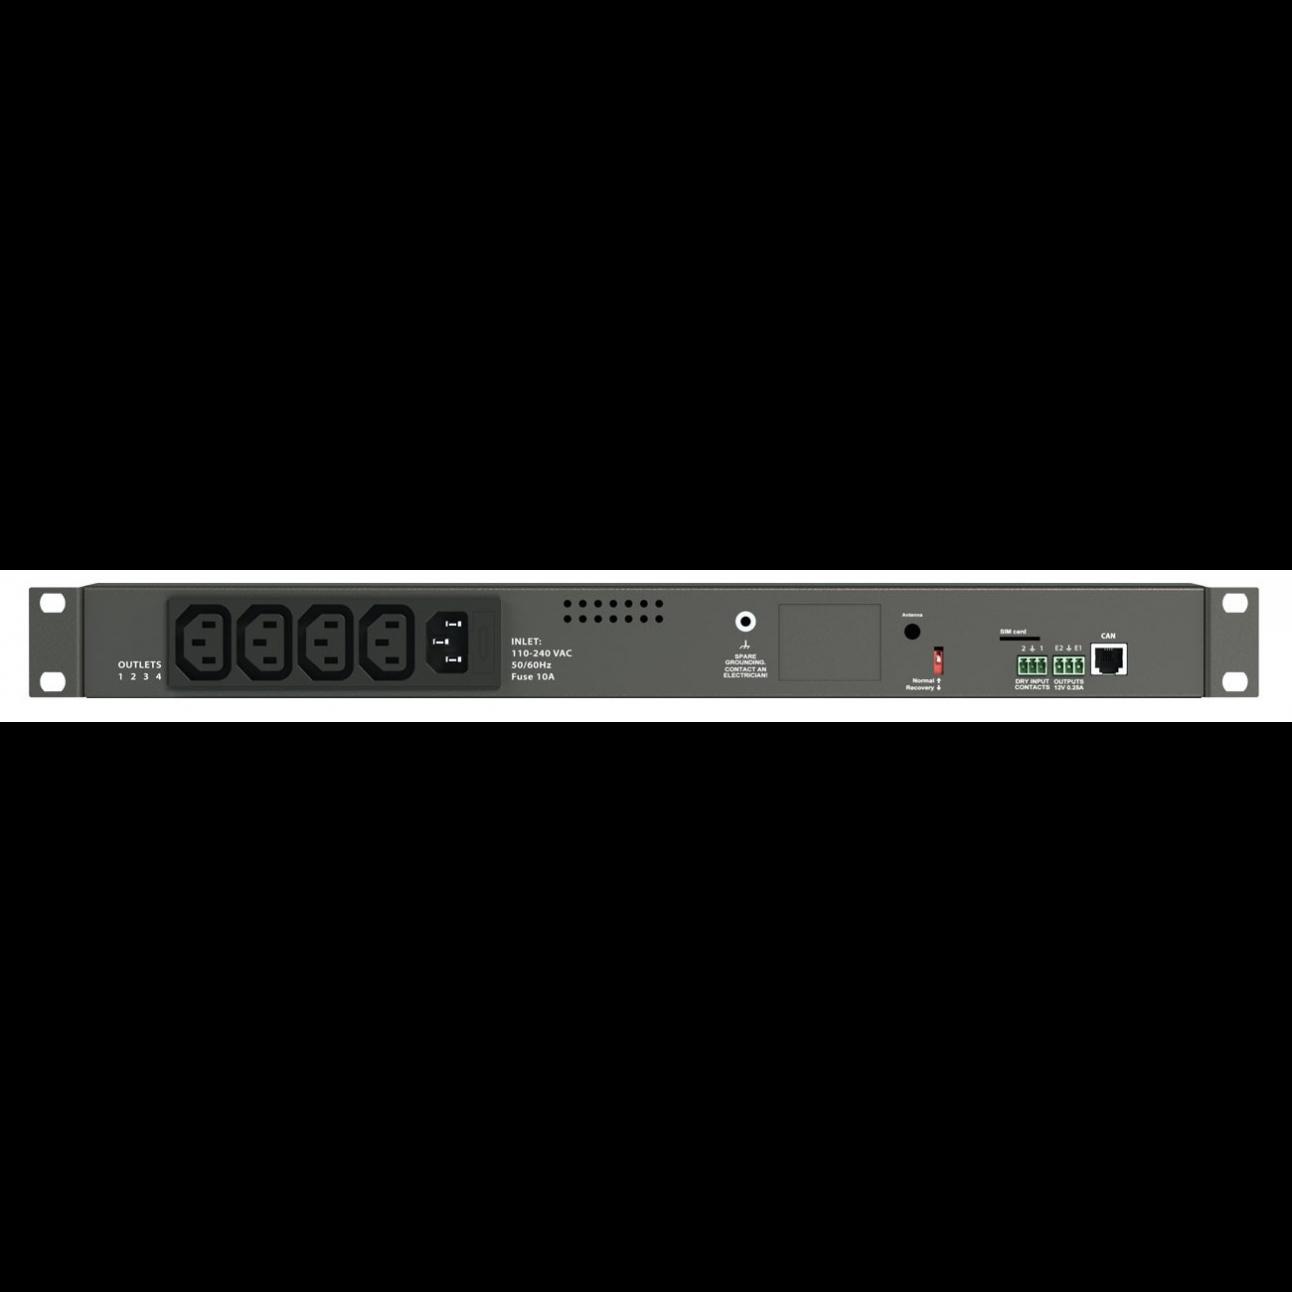 Блок мониторинга Vutlan с 4 розетками VT604